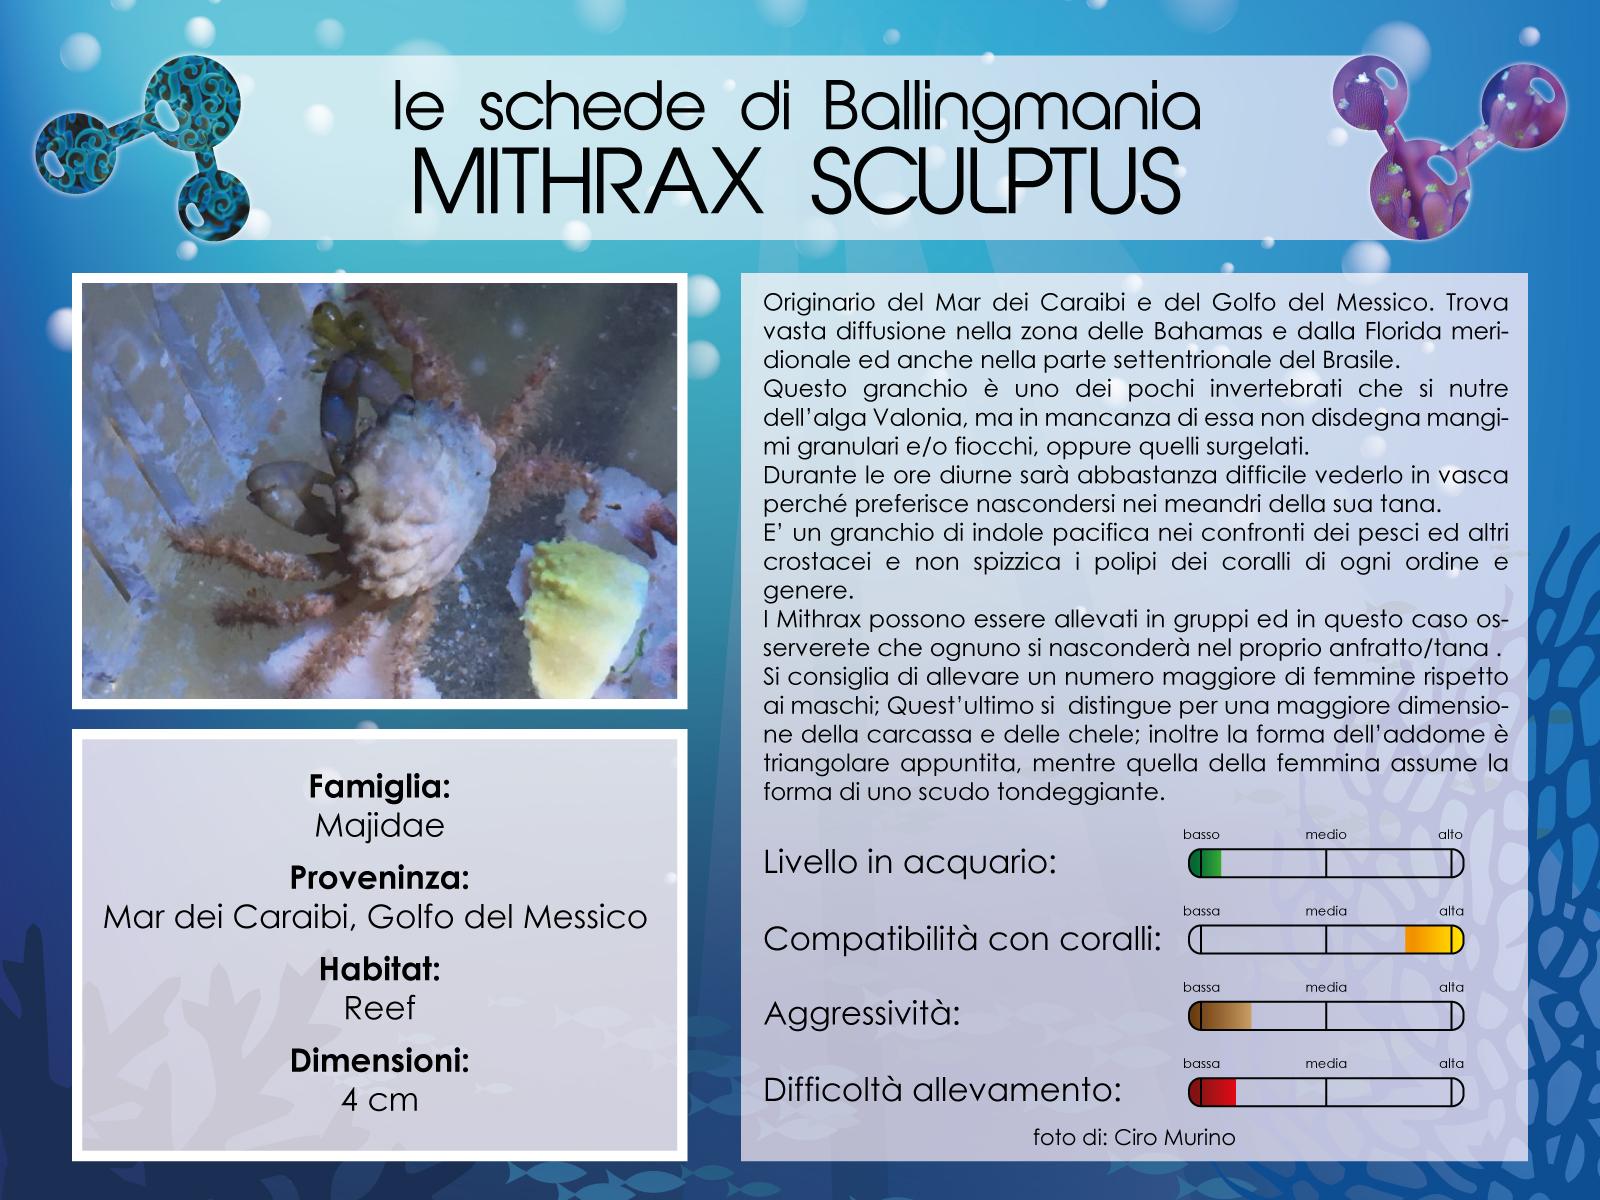 Mithrax Sculptus